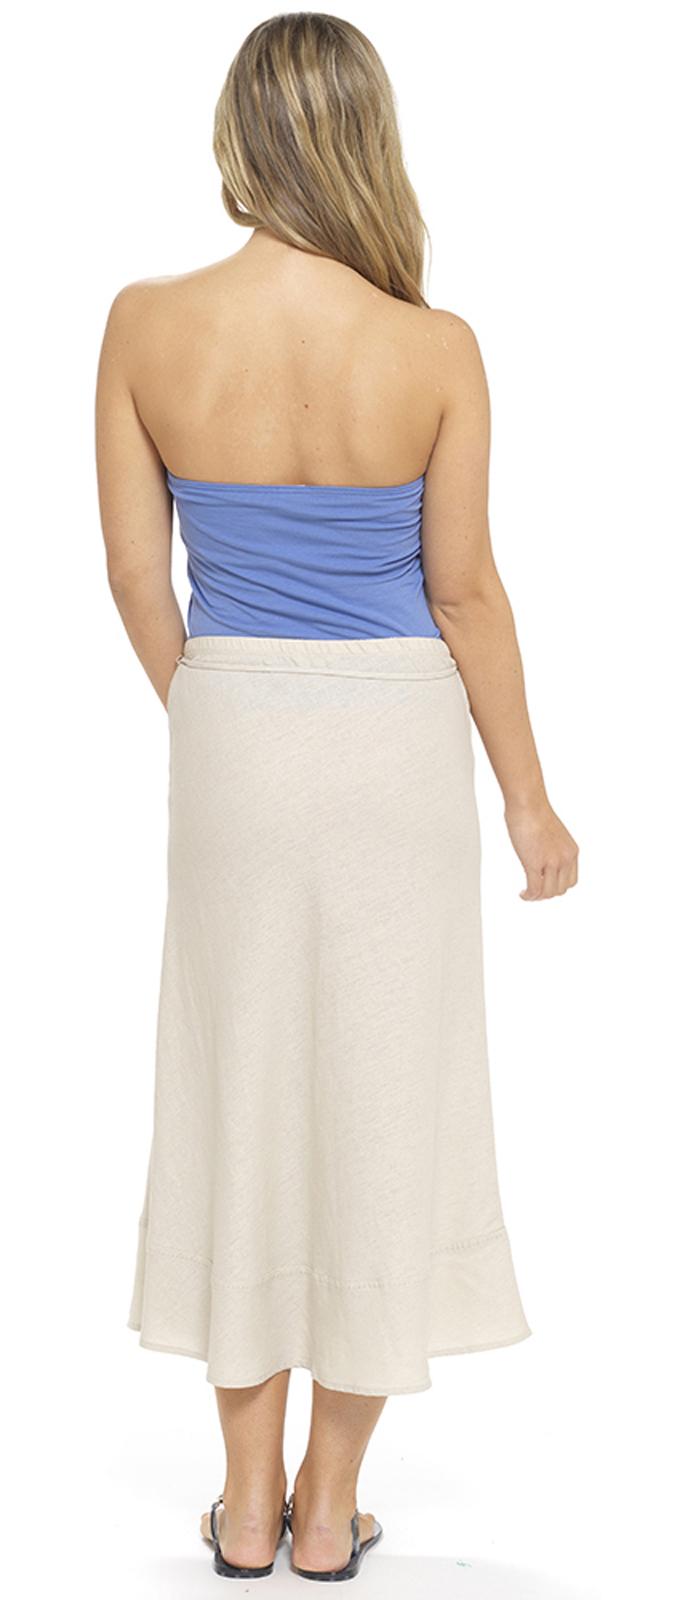 Brilliant  Skirts Denim Long Skirt  Black SKIRT59 Womens Maxi Skirt Full Length